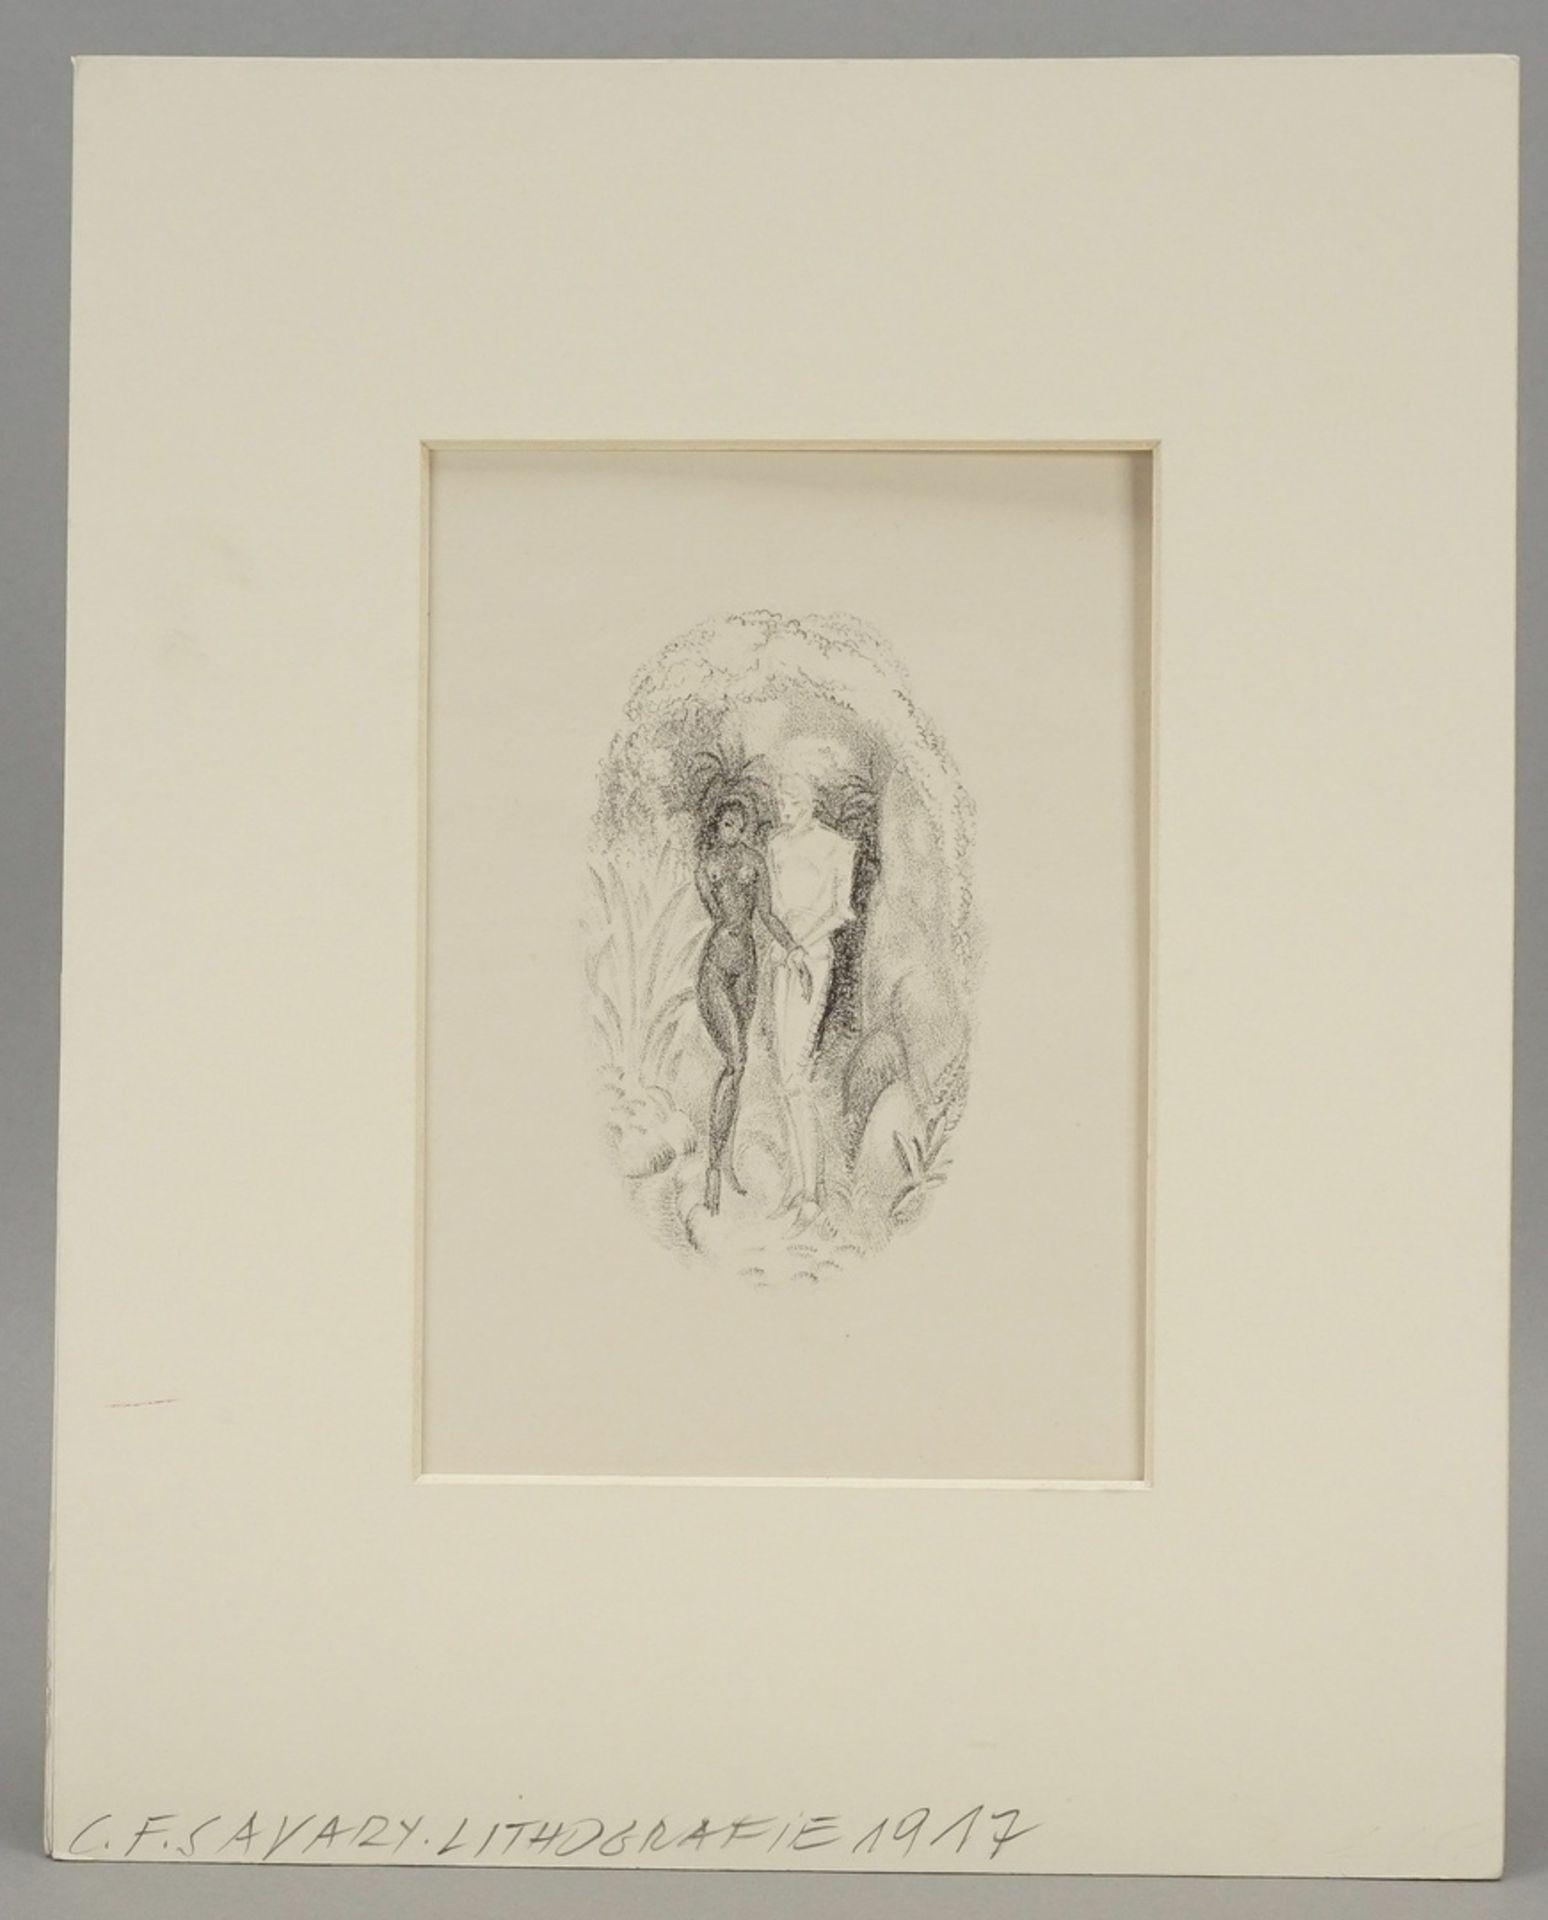 C.F. Savary, Der Ritter und das Mädchen - Bild 2 aus 5